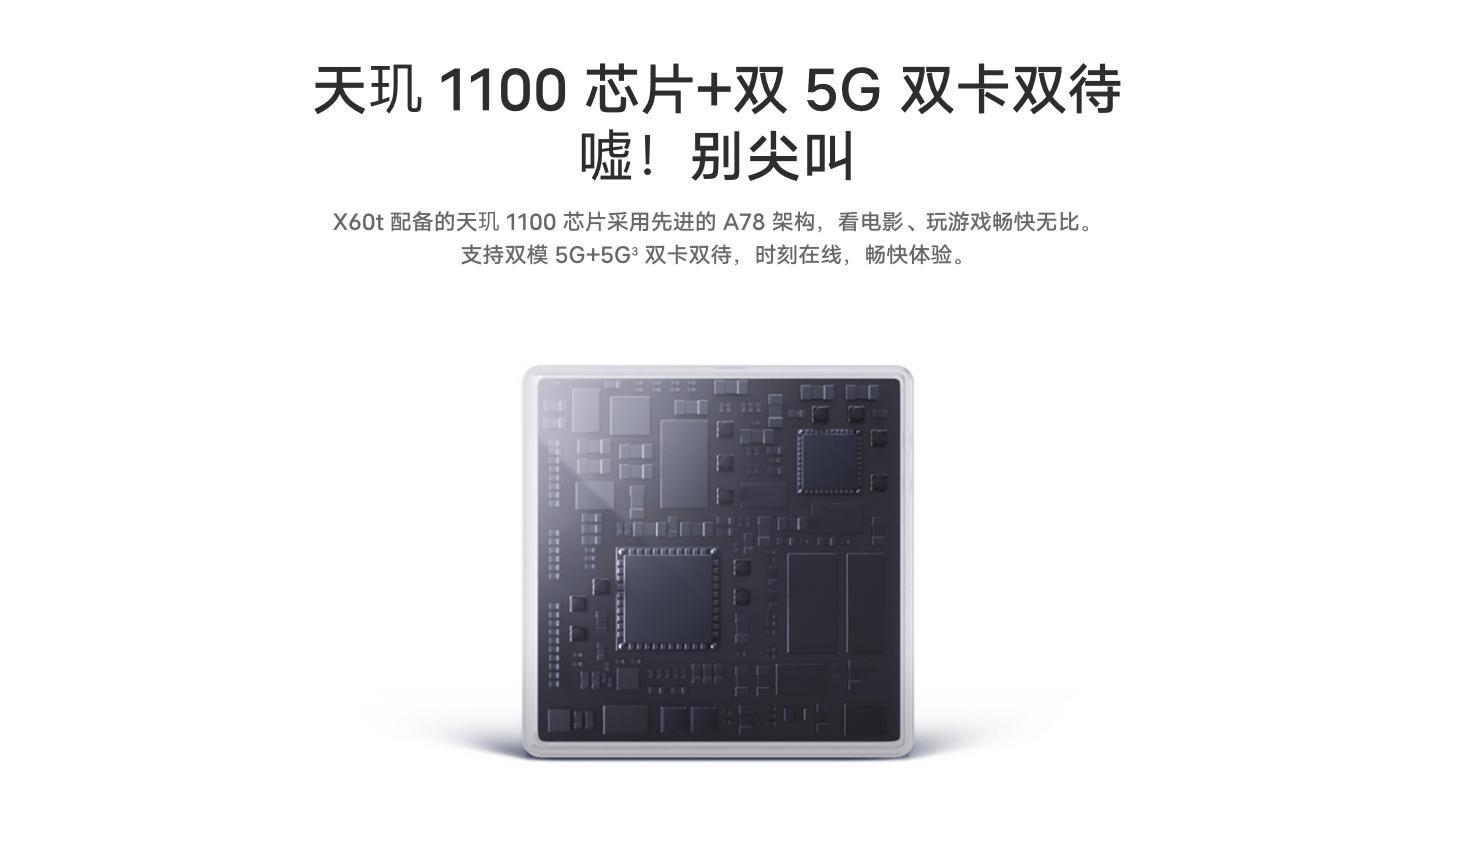 「科技V报」新一代iPhone SE或采用打孔屏;vivo X60t悄然发布-20210402-VDGER